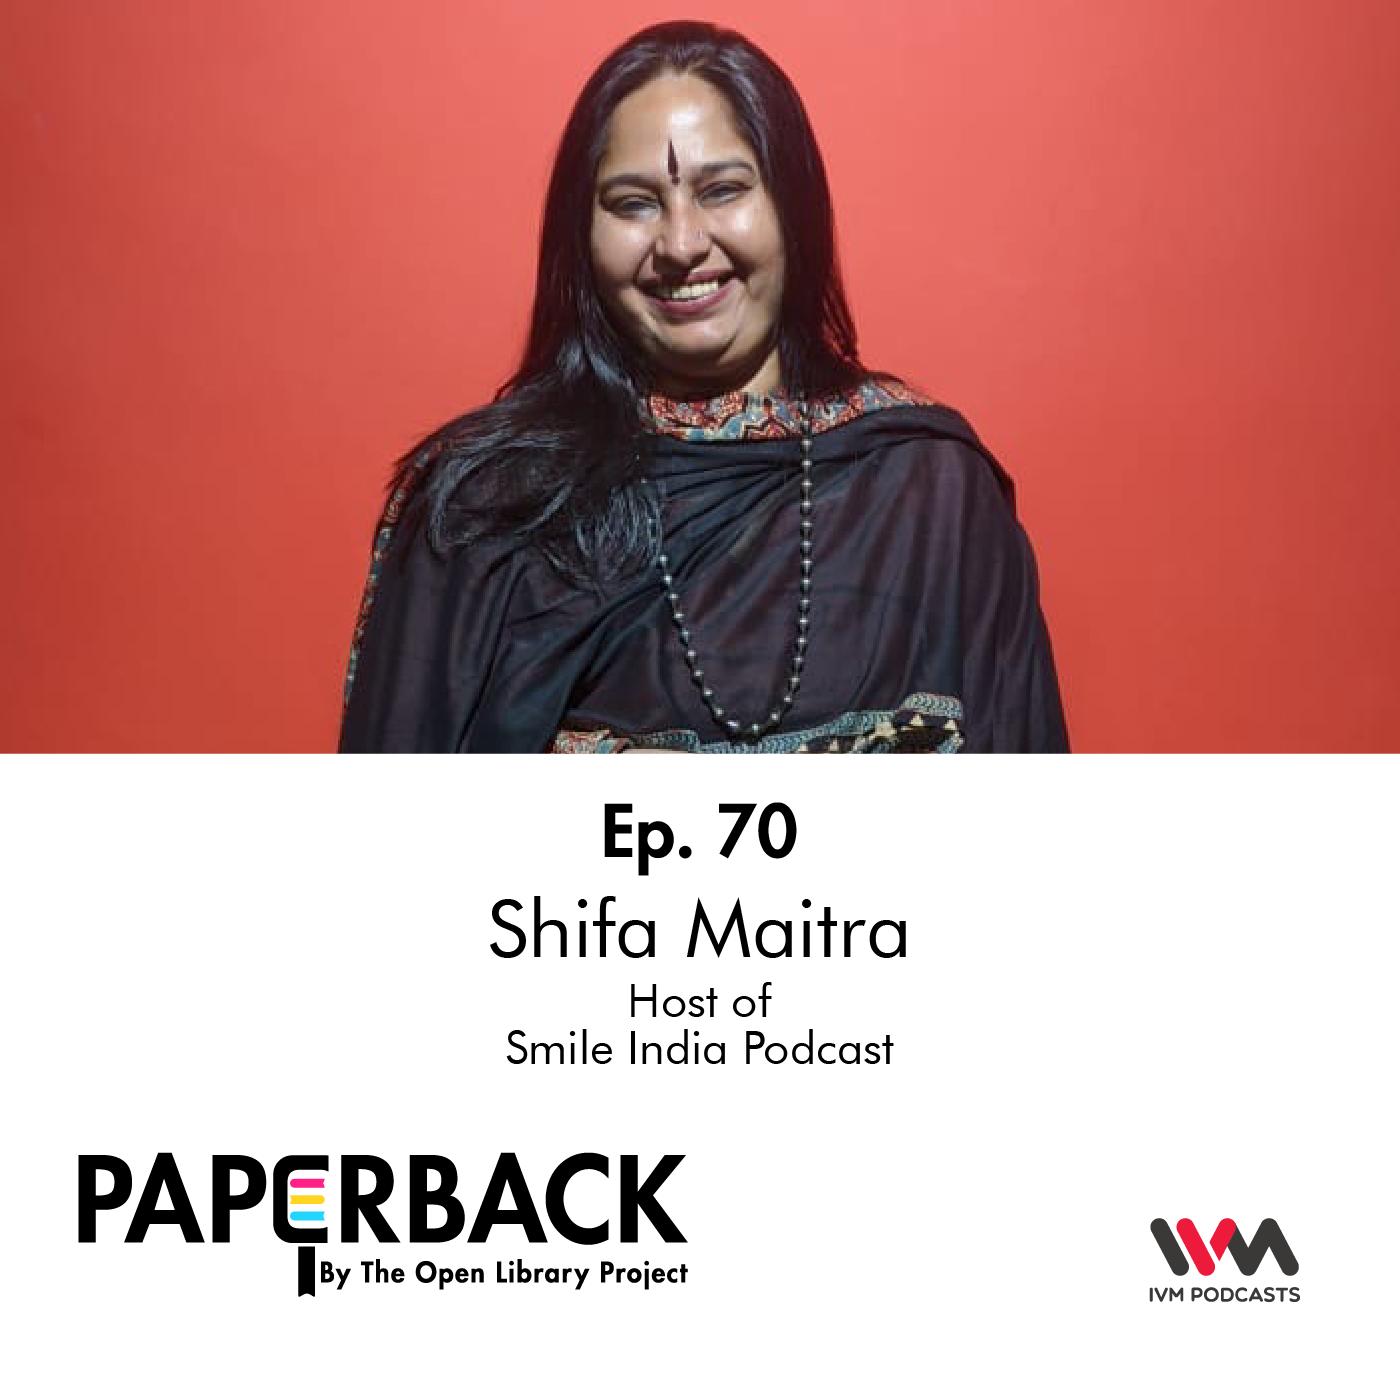 Ep. 70: Shifa Maitra